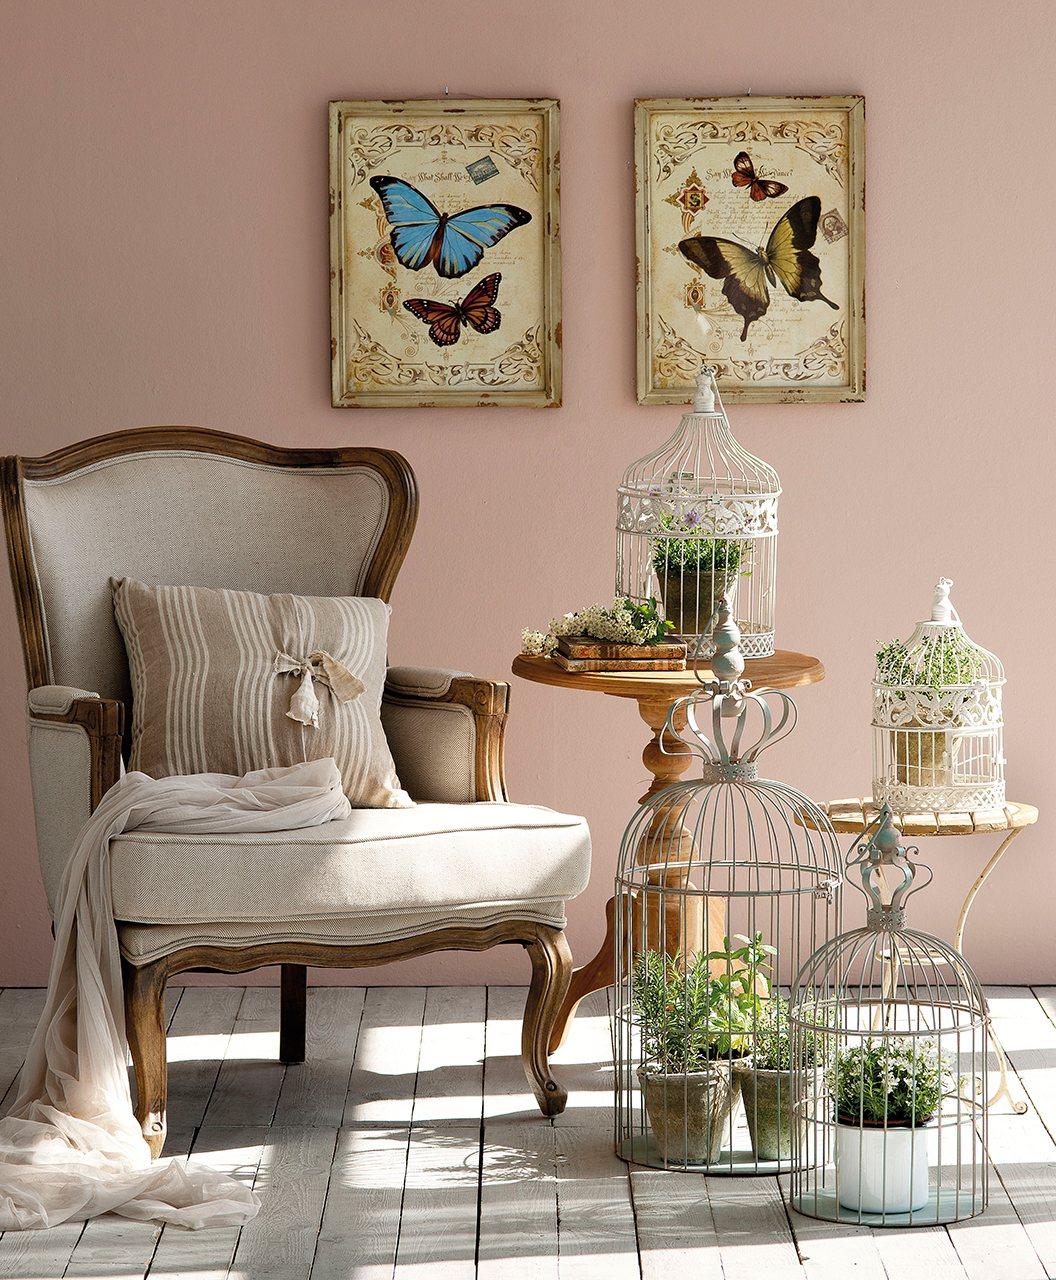 Da una segunda vida a los objetos y personaliza la decoraci n for Decoracion con jaulas